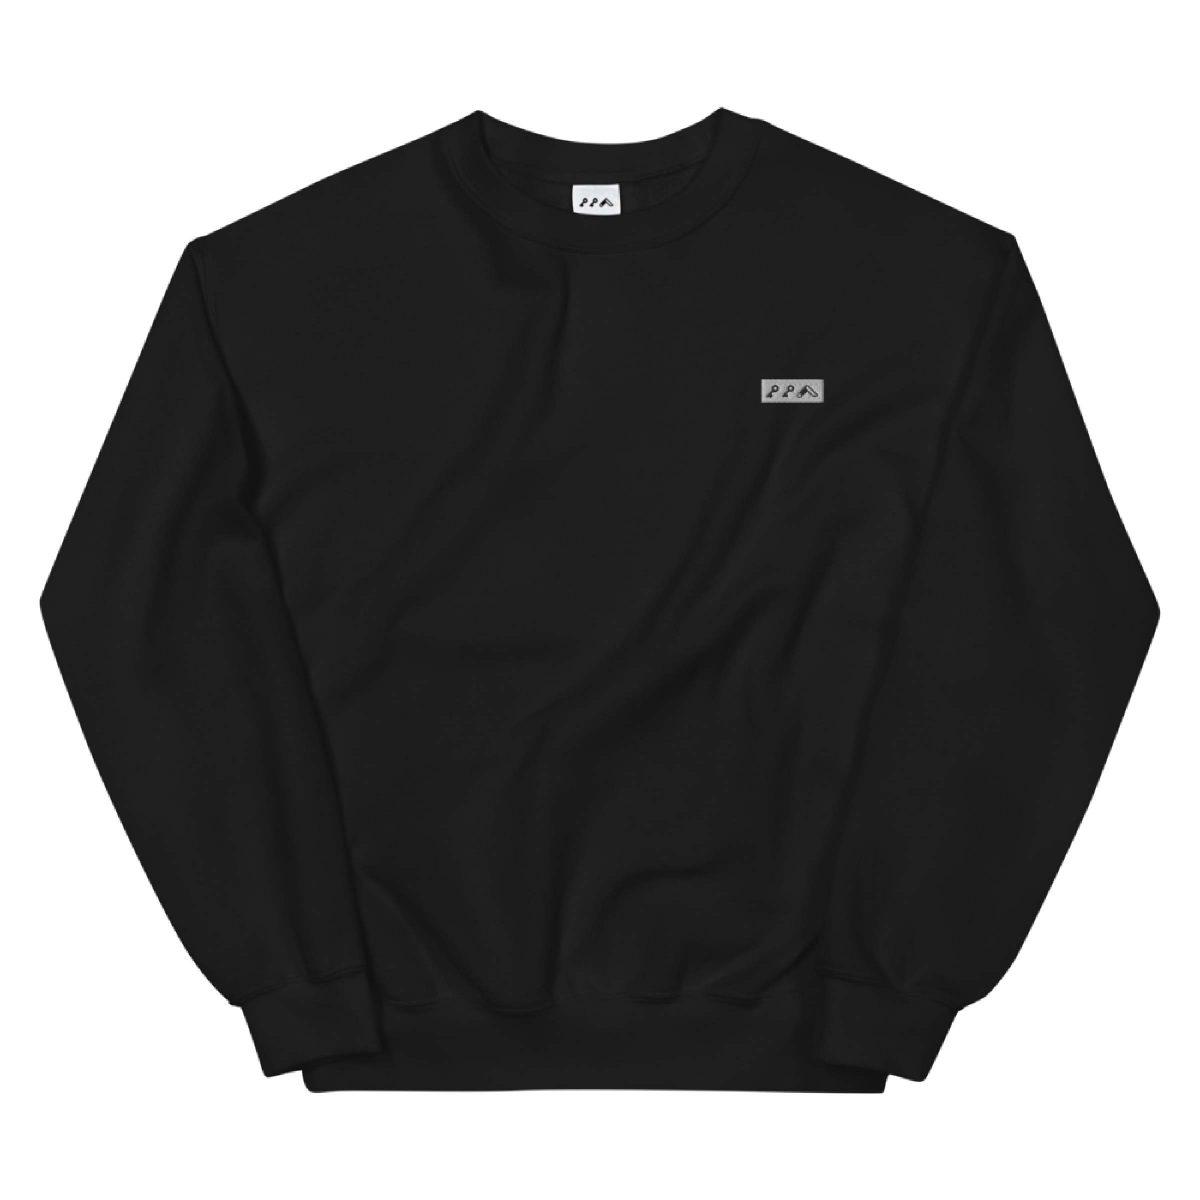 KIKICUTT LOGO embroidered sweatshirt by kikicutt sweatshirt store